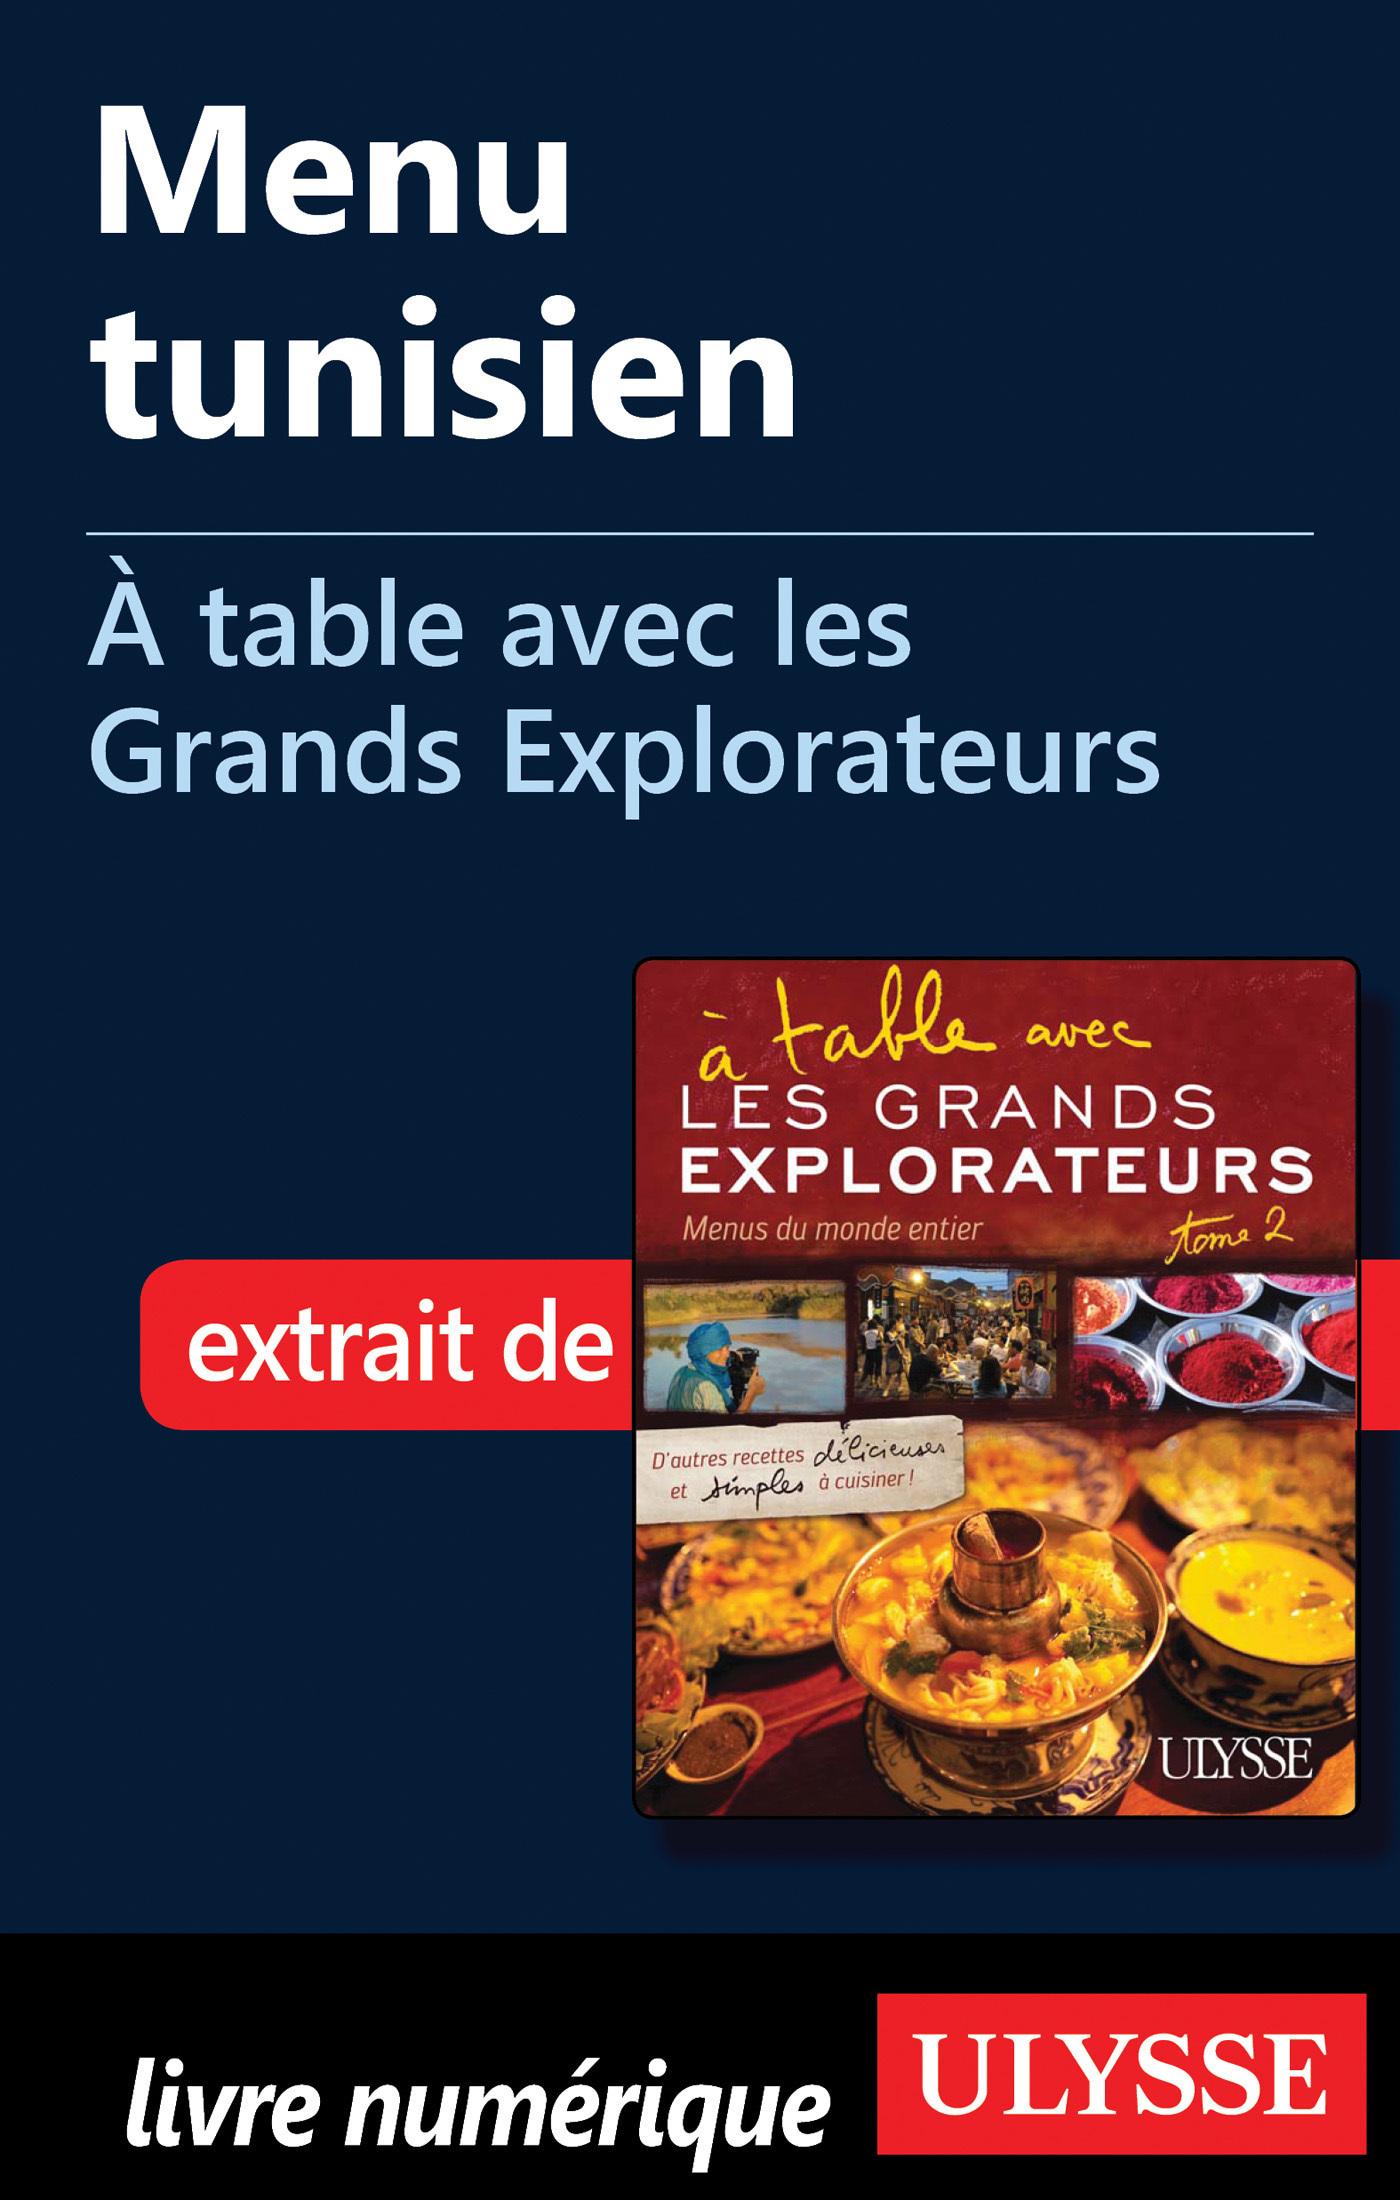 Menu tunisien - A table avec les Grands Explorateurs